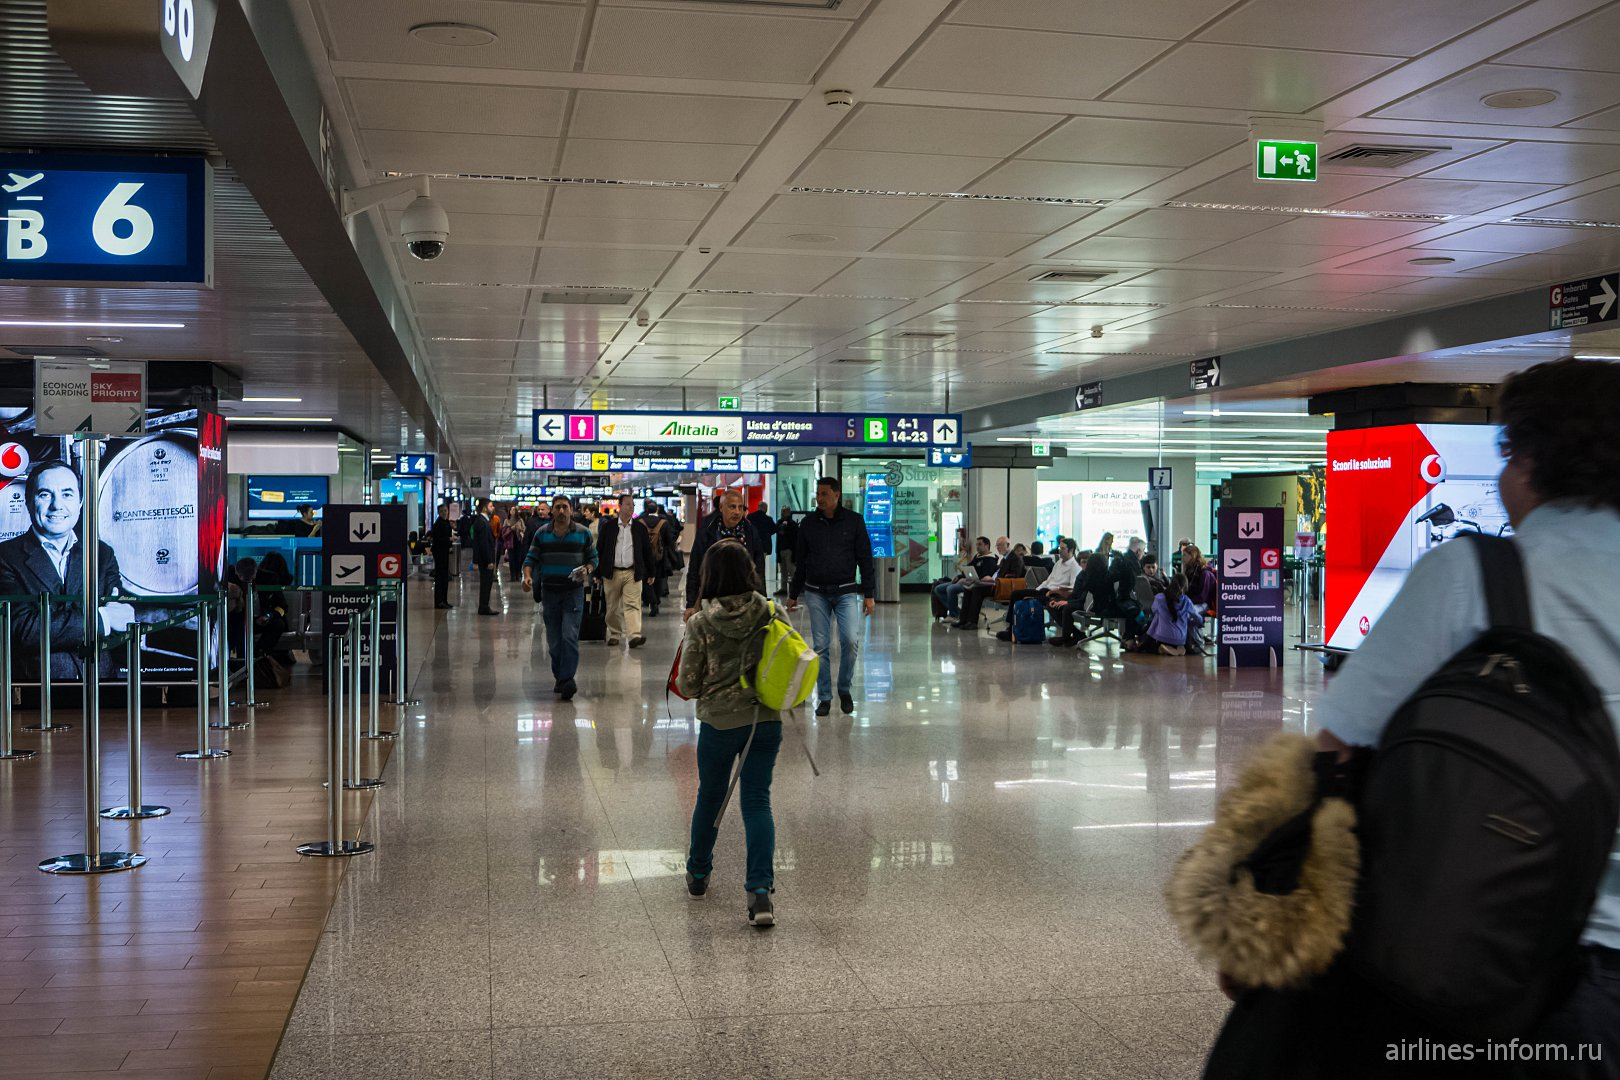 Чистая зона Терминала 1 аэропорта Рим Фьюмичино